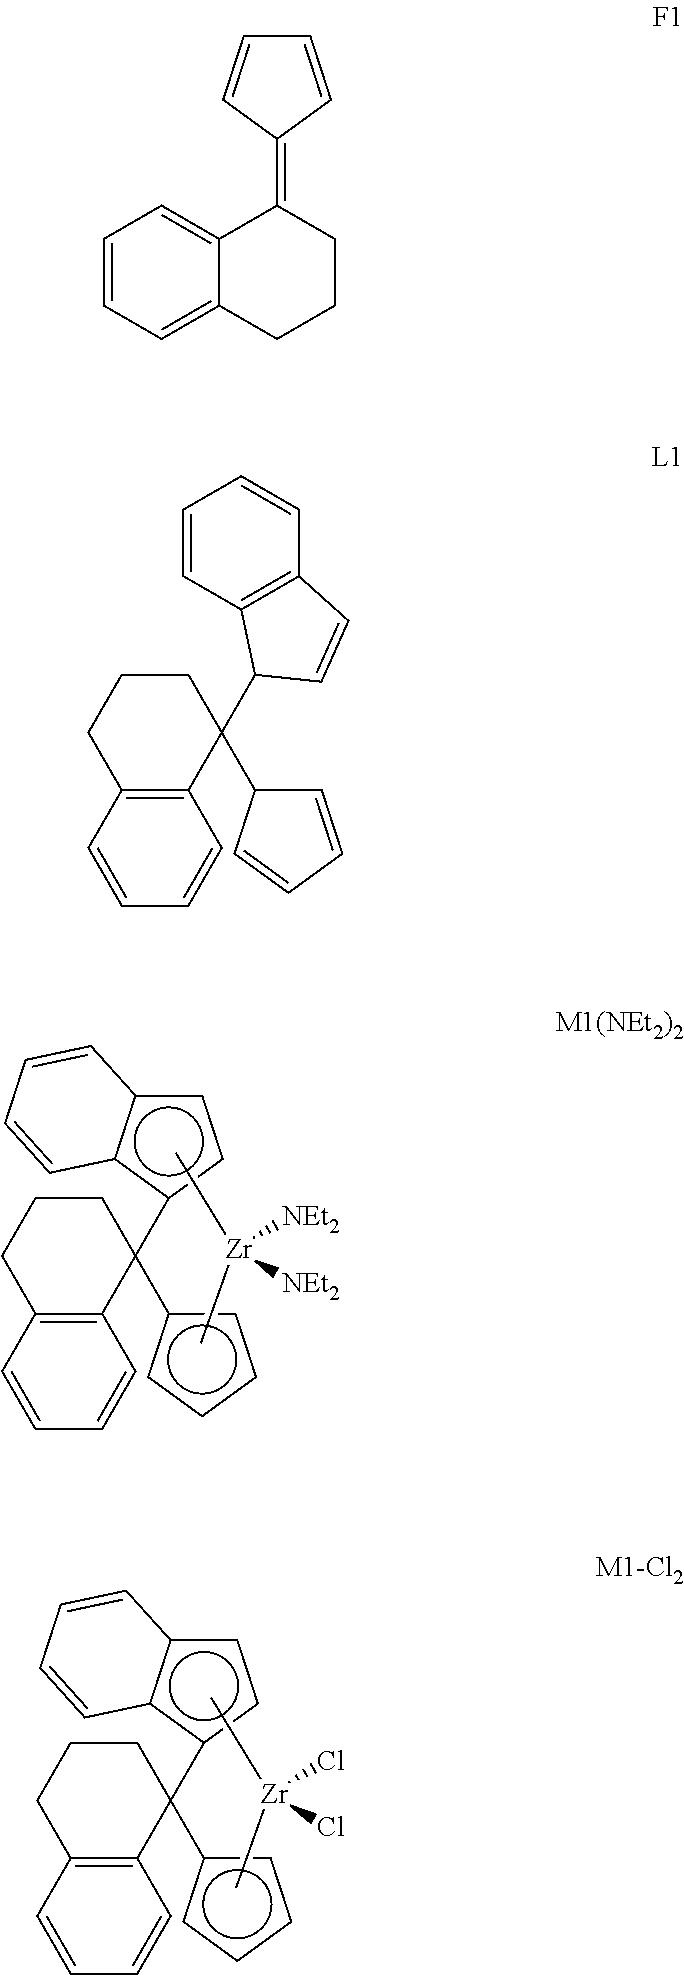 Figure US09758540-20170912-C00009